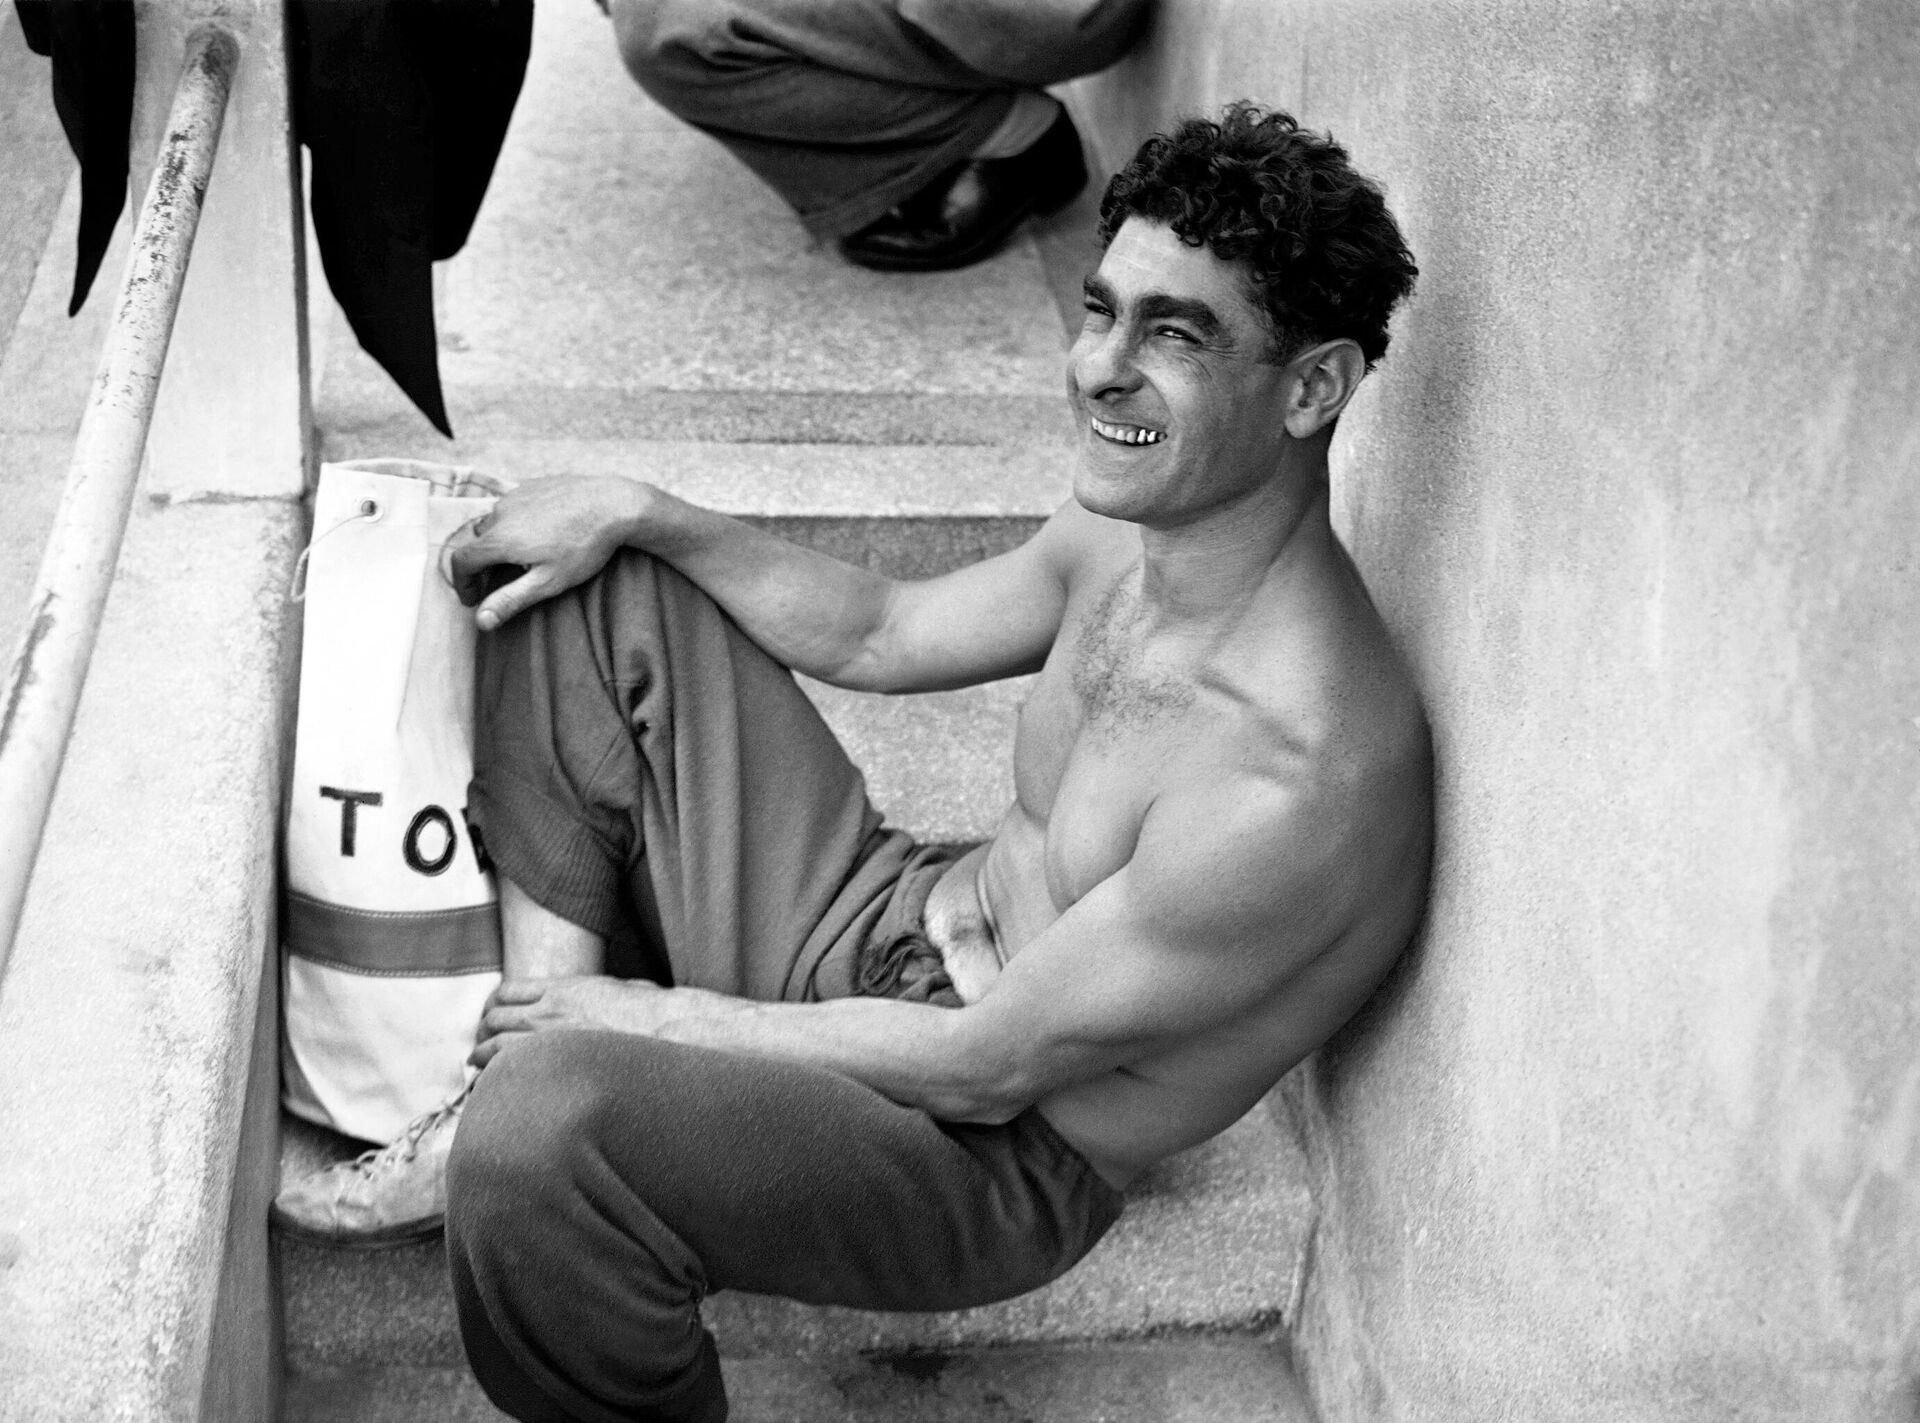 Французский пловец, участник Олимпийских игр 1948 года в Лондоне Альфред Накаш - РИА Новости, 1920, 03.07.2021